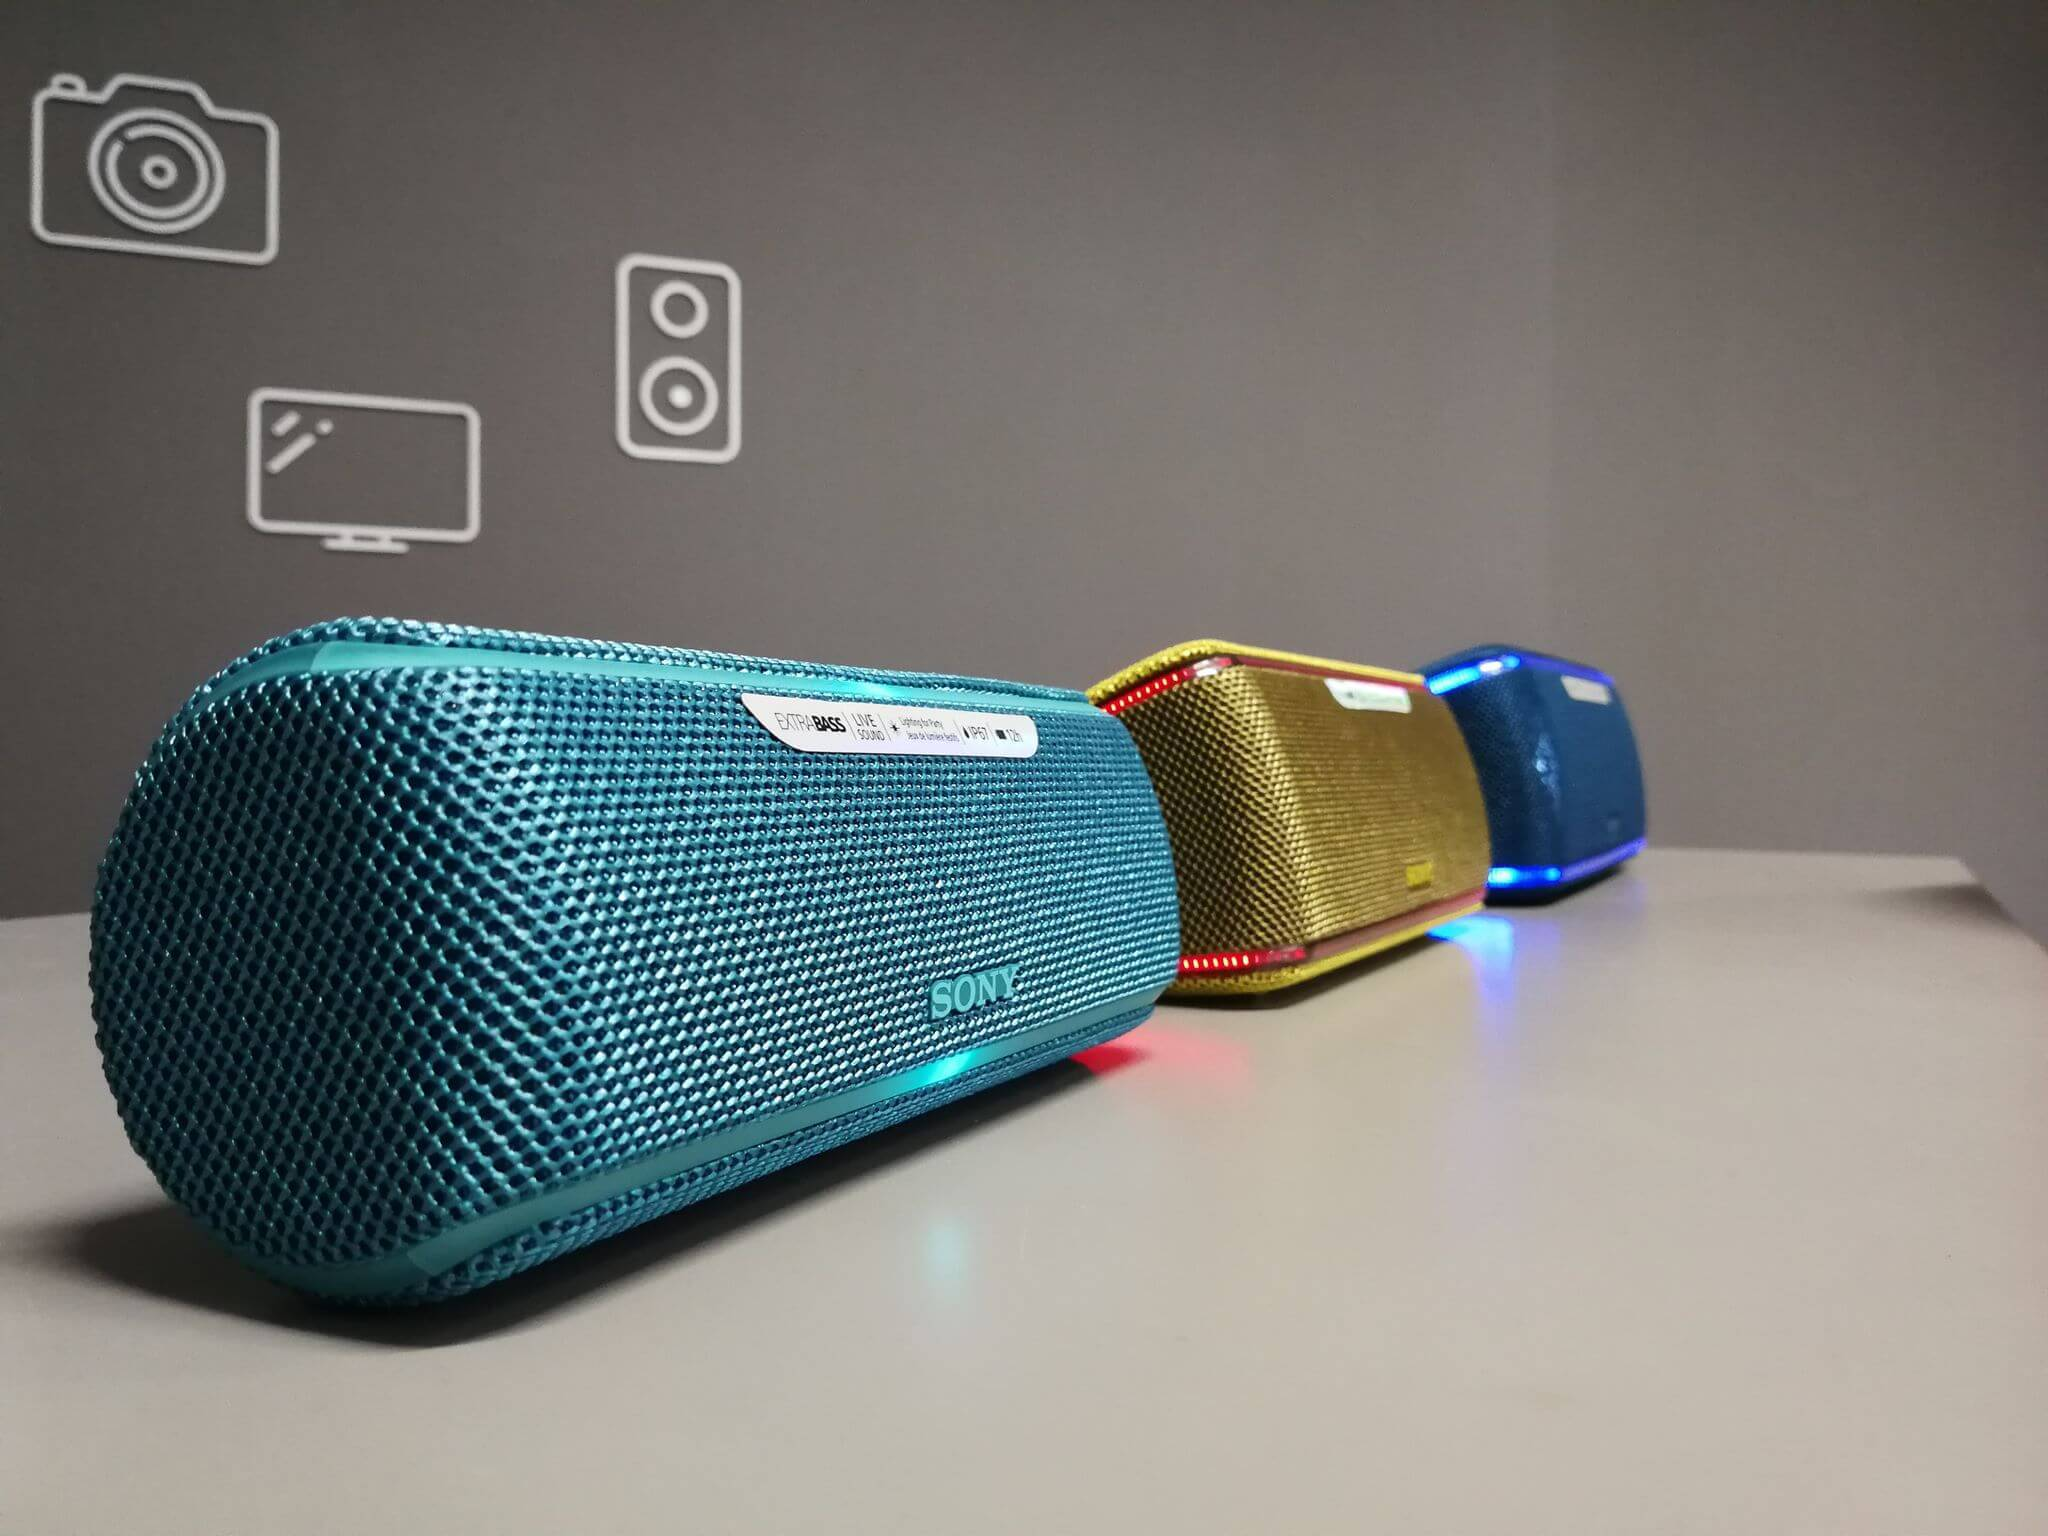 Sony Srs Xb21 Test Możliwości Głośnika Bluetooth Extra Bass Opinie Rtv Agd